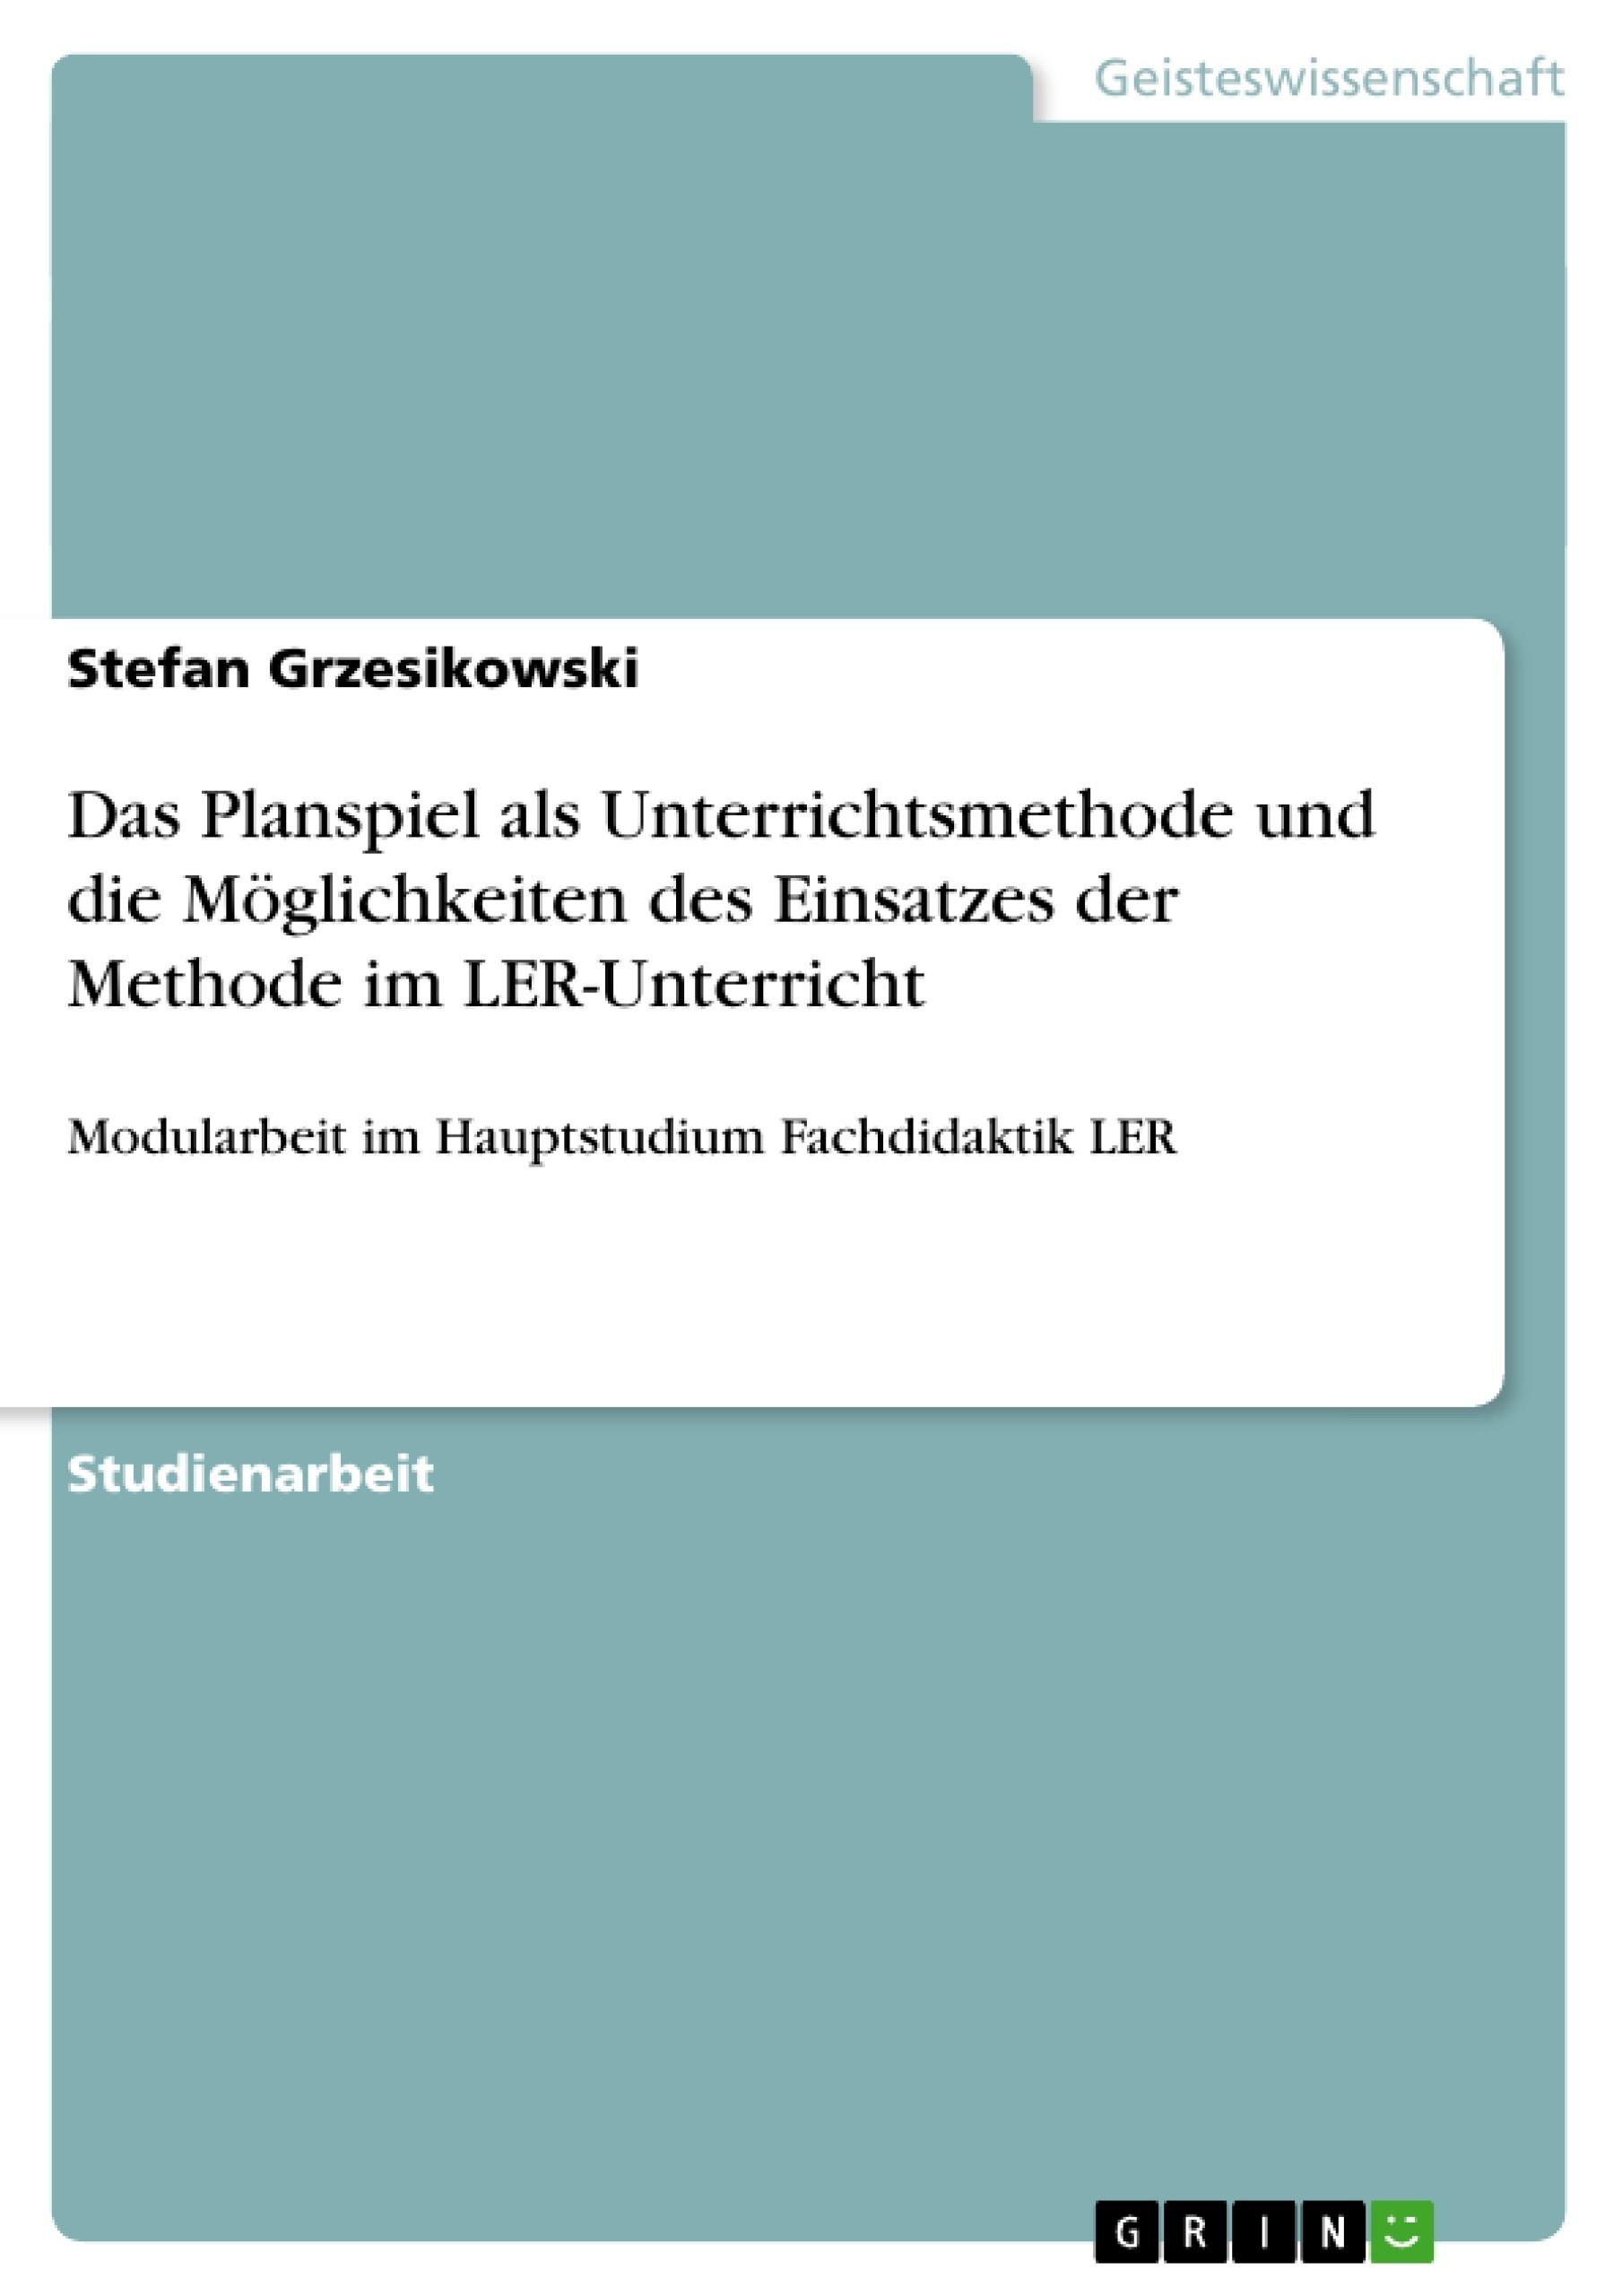 Titel: Das Planspiel als Unterrichtsmethode und die Möglichkeiten des Einsatzes der Methode im LER-Unterricht